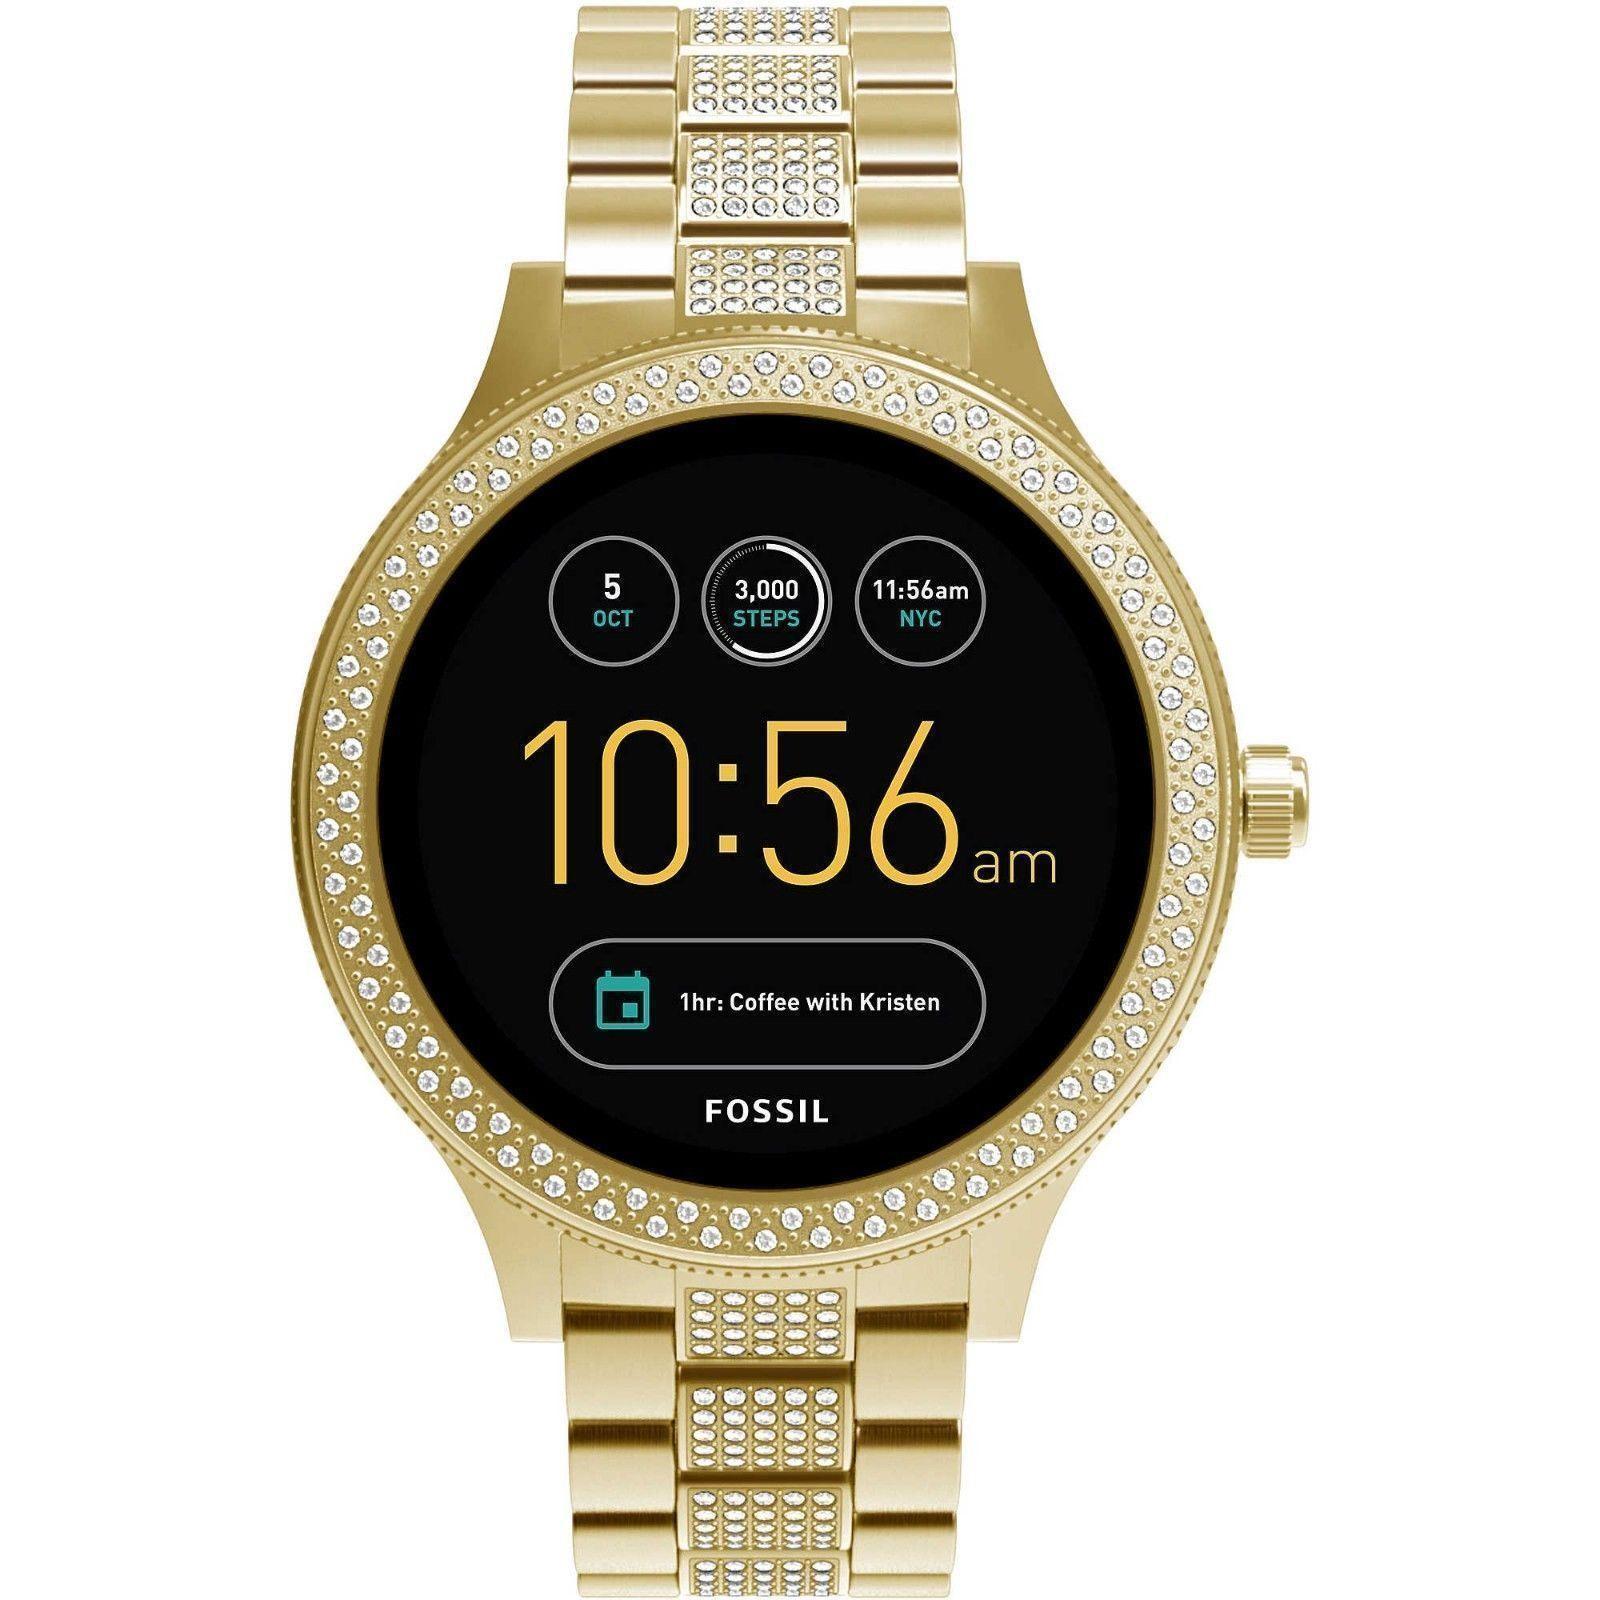 Fossil Q Venture Gen 3 Gold Tone Smartwatch With Gems Ftw6001 Es3862 Original